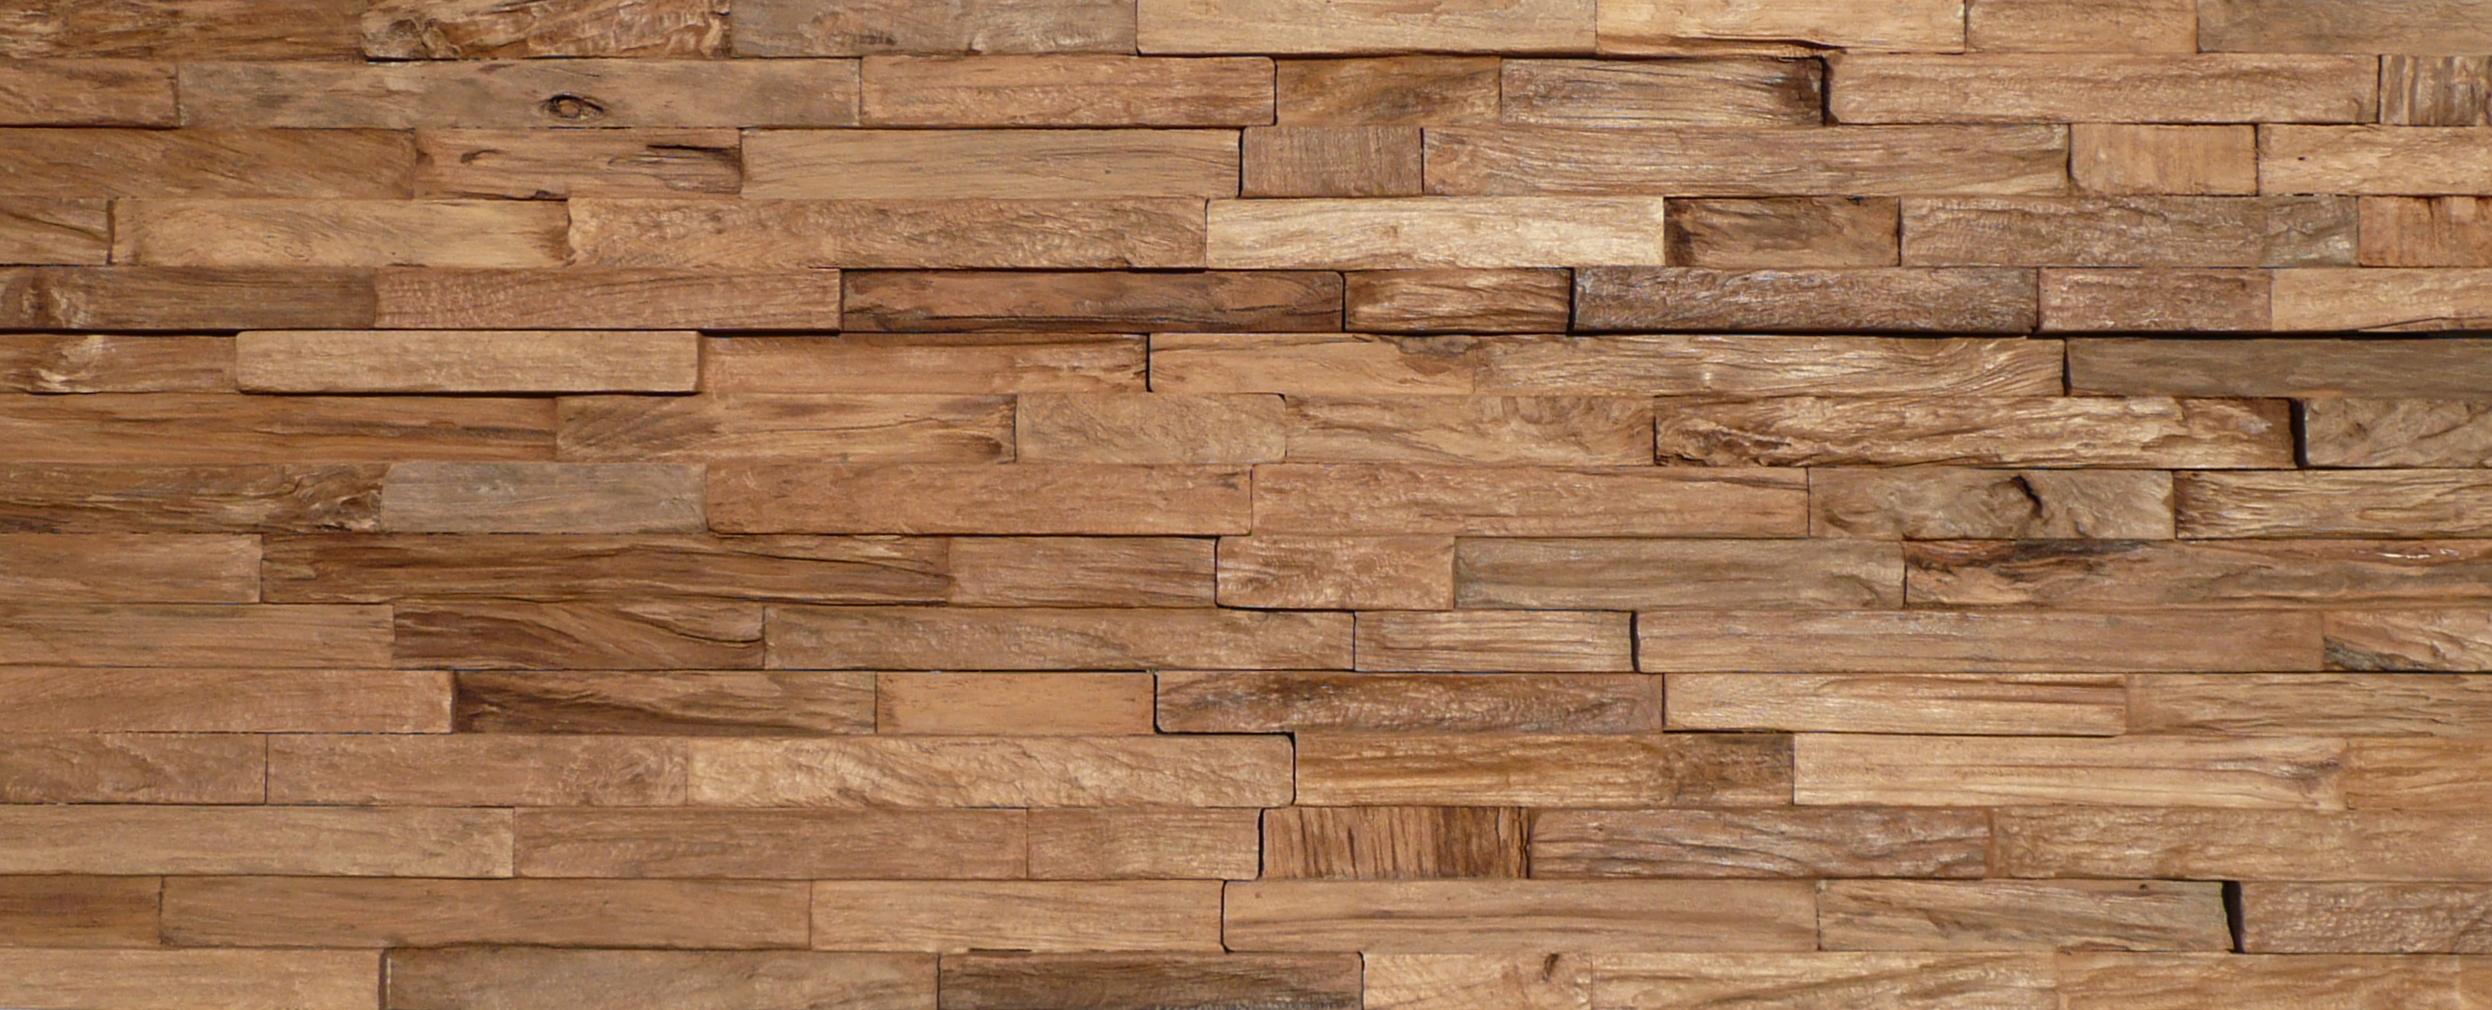 Ben noto Rivestimenti di legno - Nordholz LY99